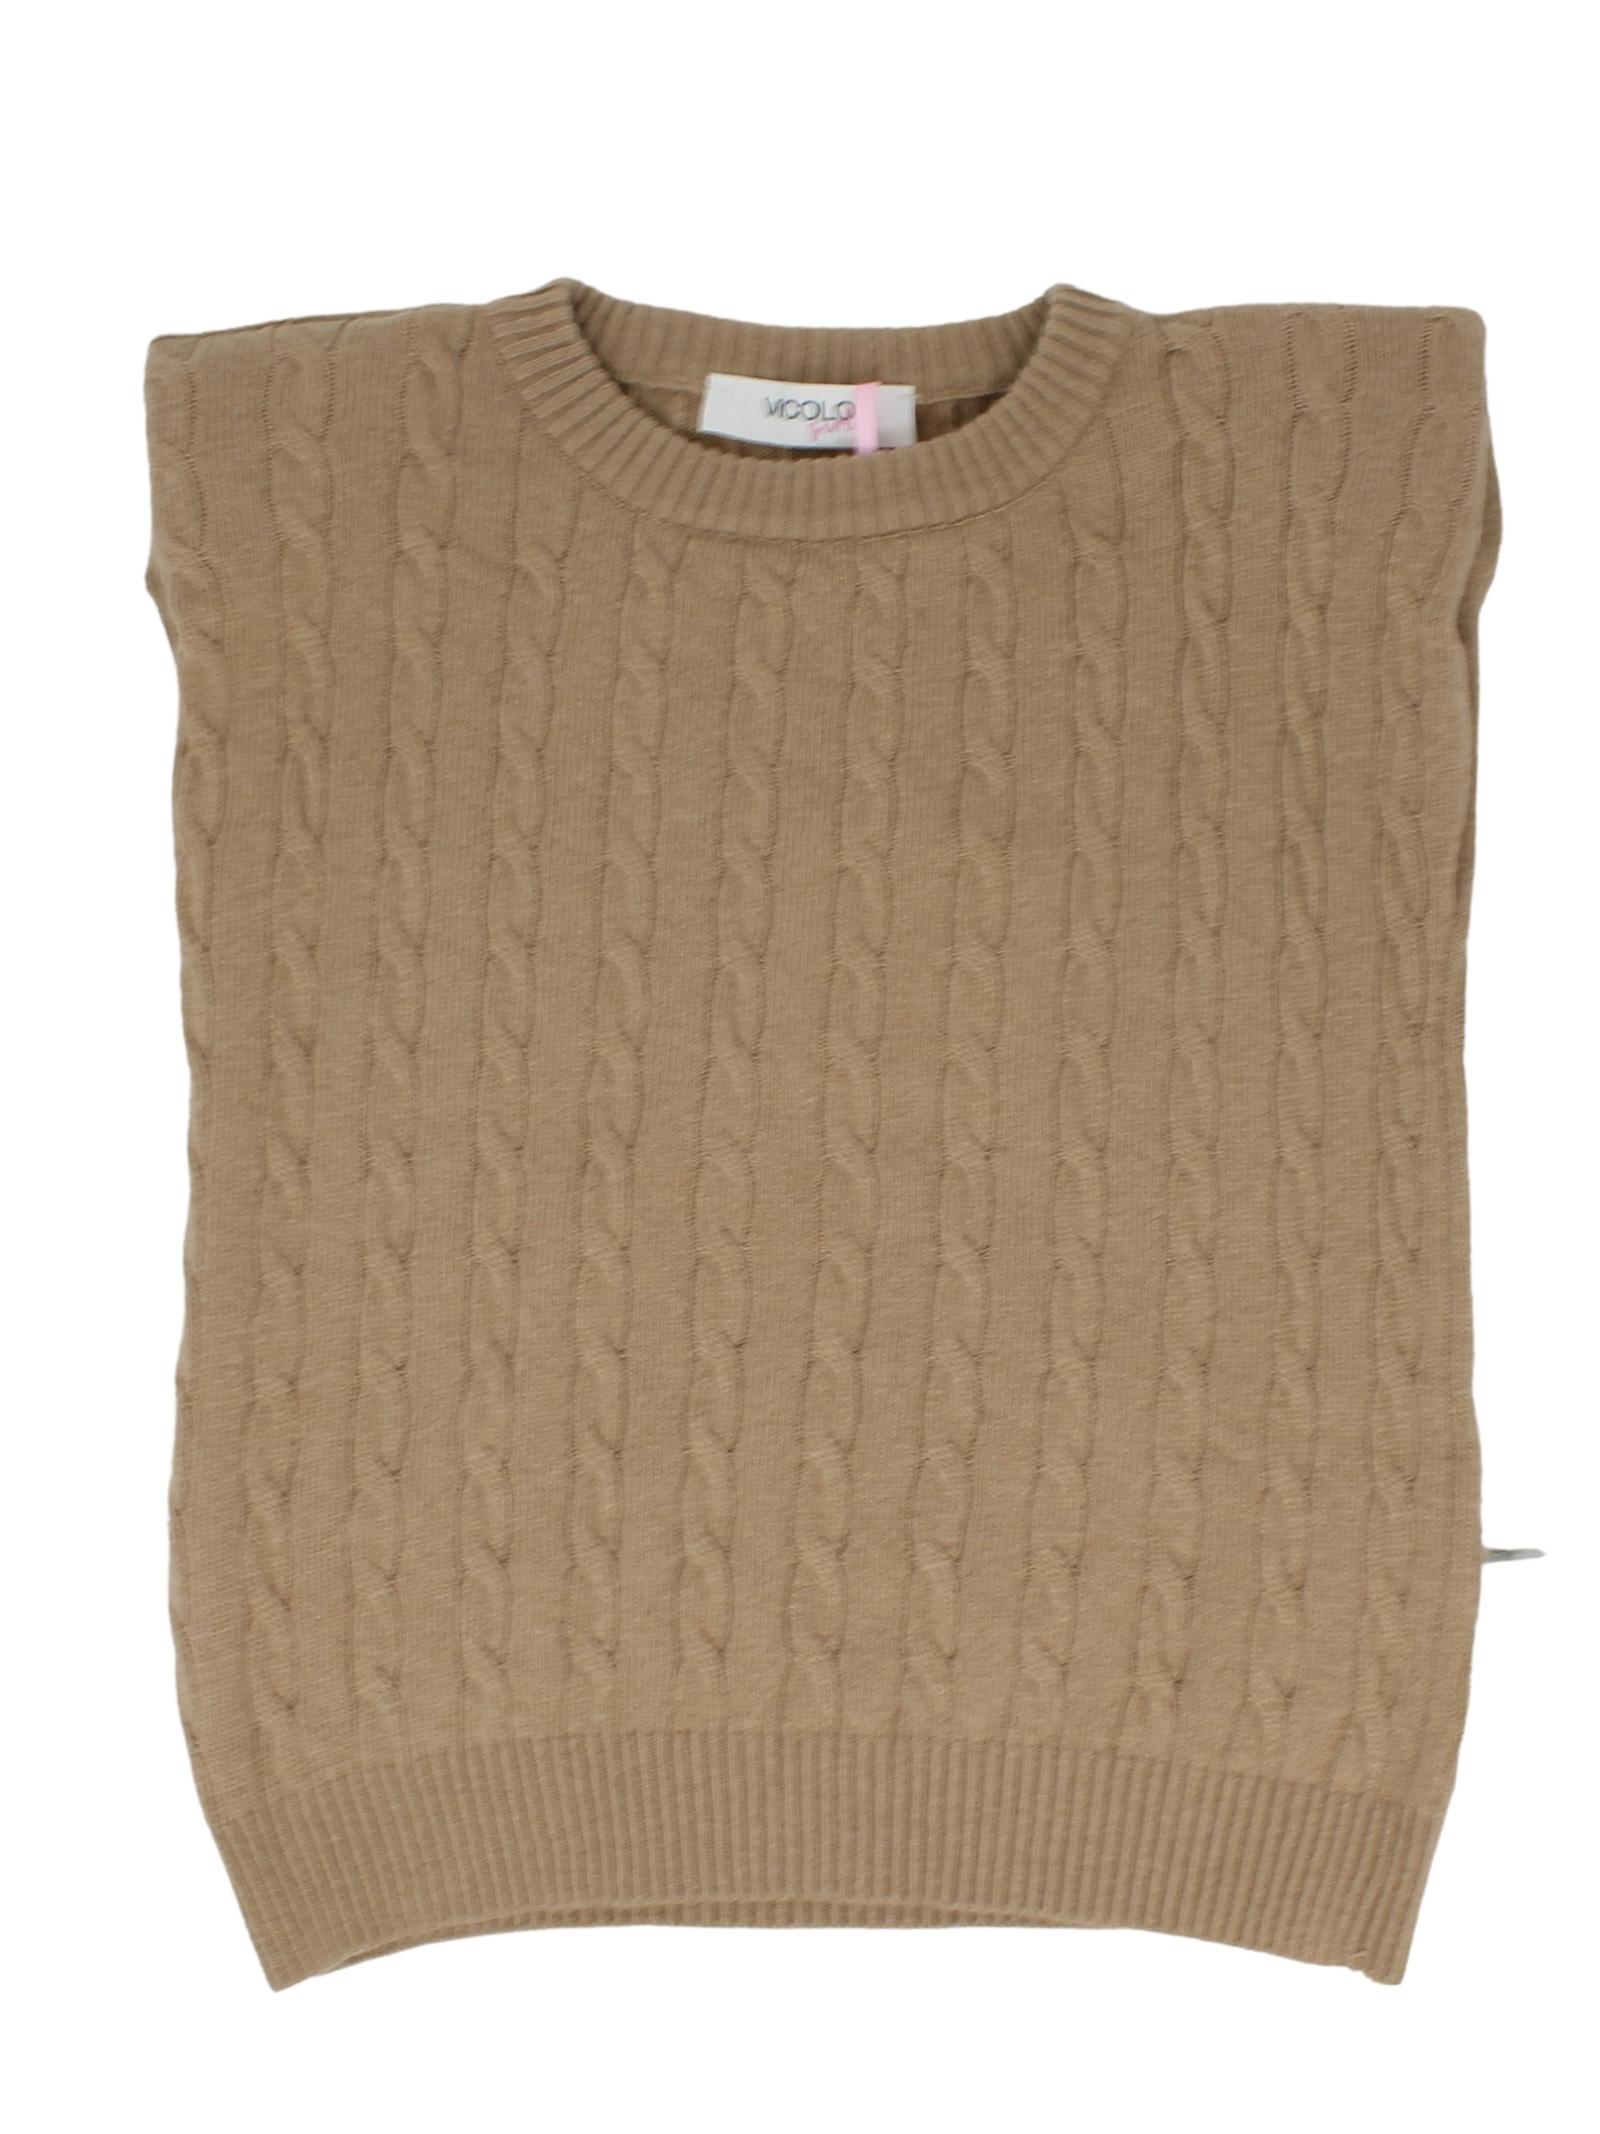 Girl's Intrecciato Sleeveless Sweater VICOLO KIDS |  | 3141W0621CAMMELLO